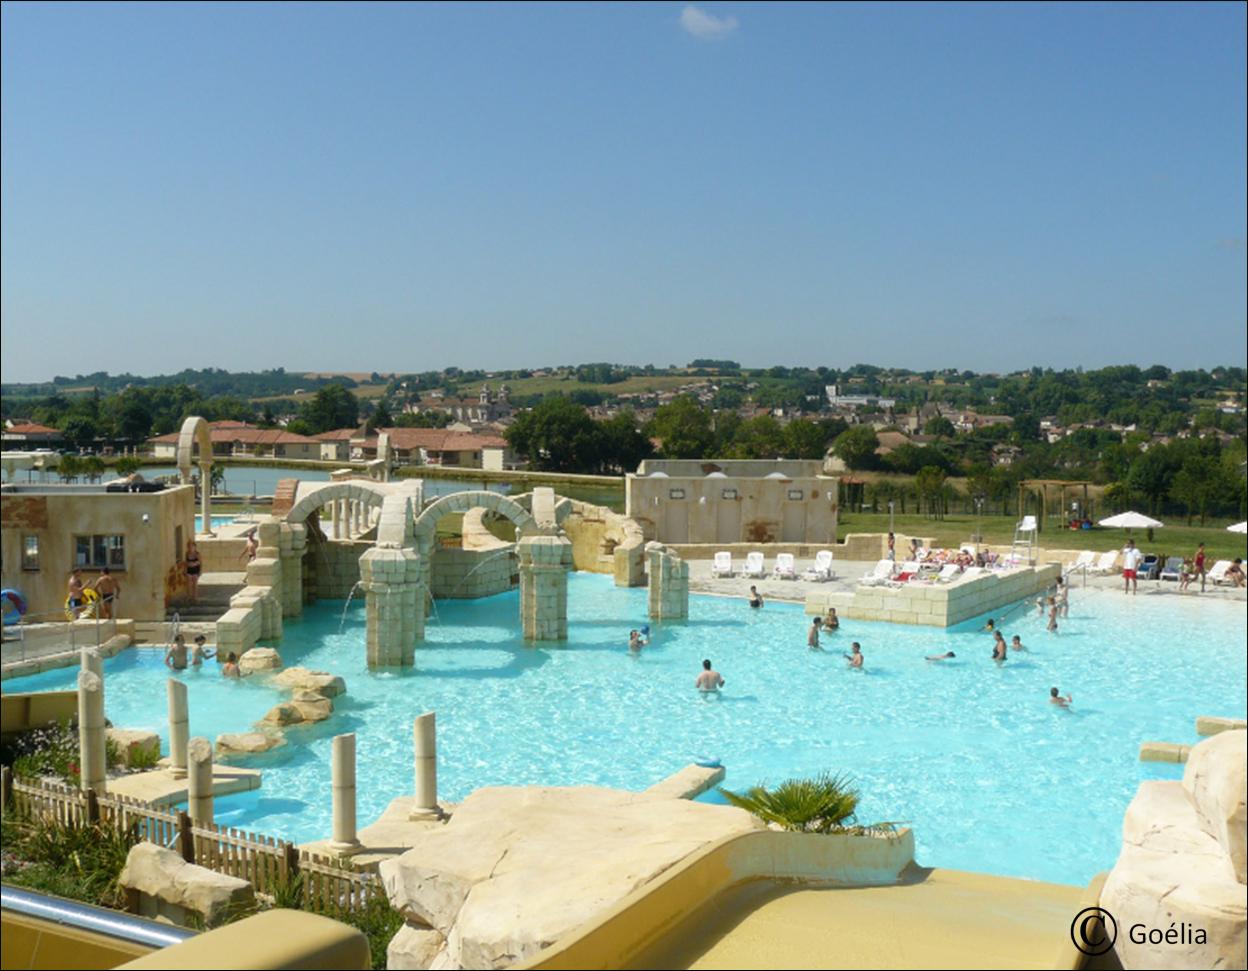 Aquaresort | Residence De Vacances, Parc Aquatique Et Vacances destiné Nerac Piscine